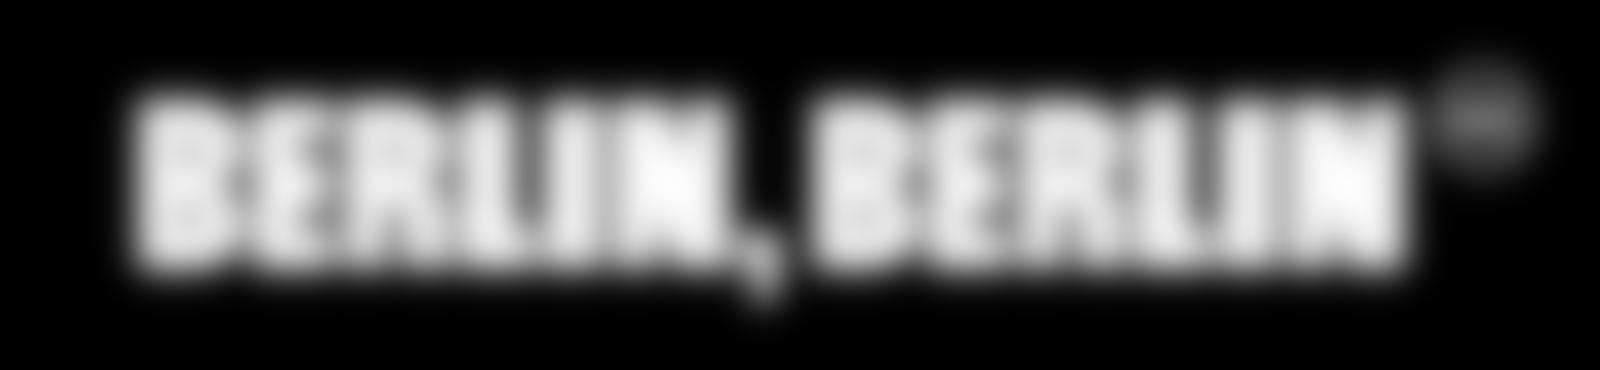 Blurred fcd14233 9038 4b29 a450 0265d66b0456